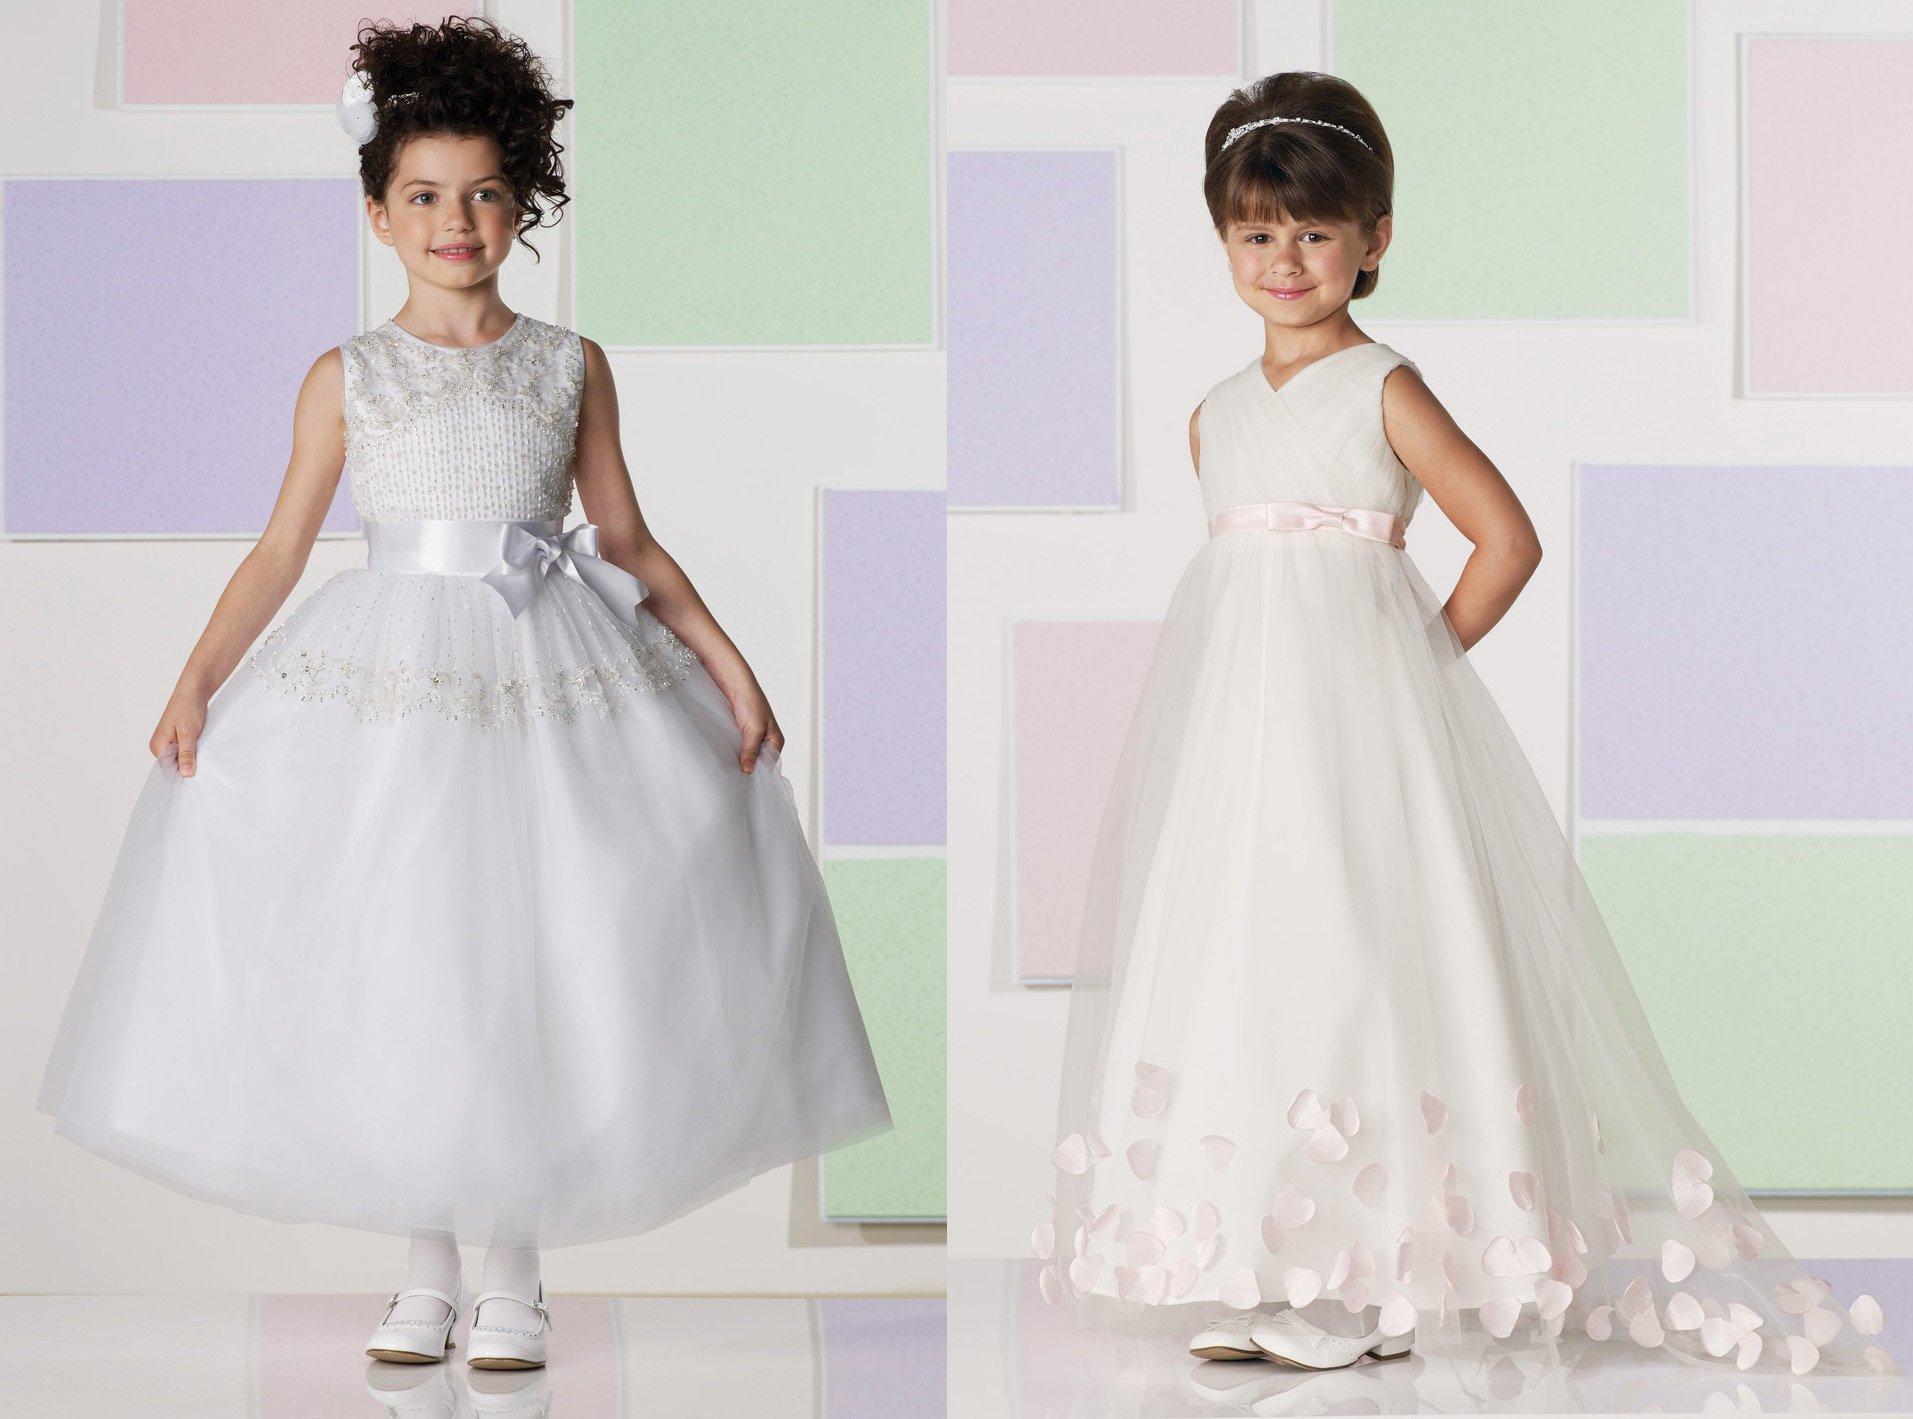 bdcf80da701c586 Вечерние платья для девочек: гардероб для особого случая | Fchannel.ru